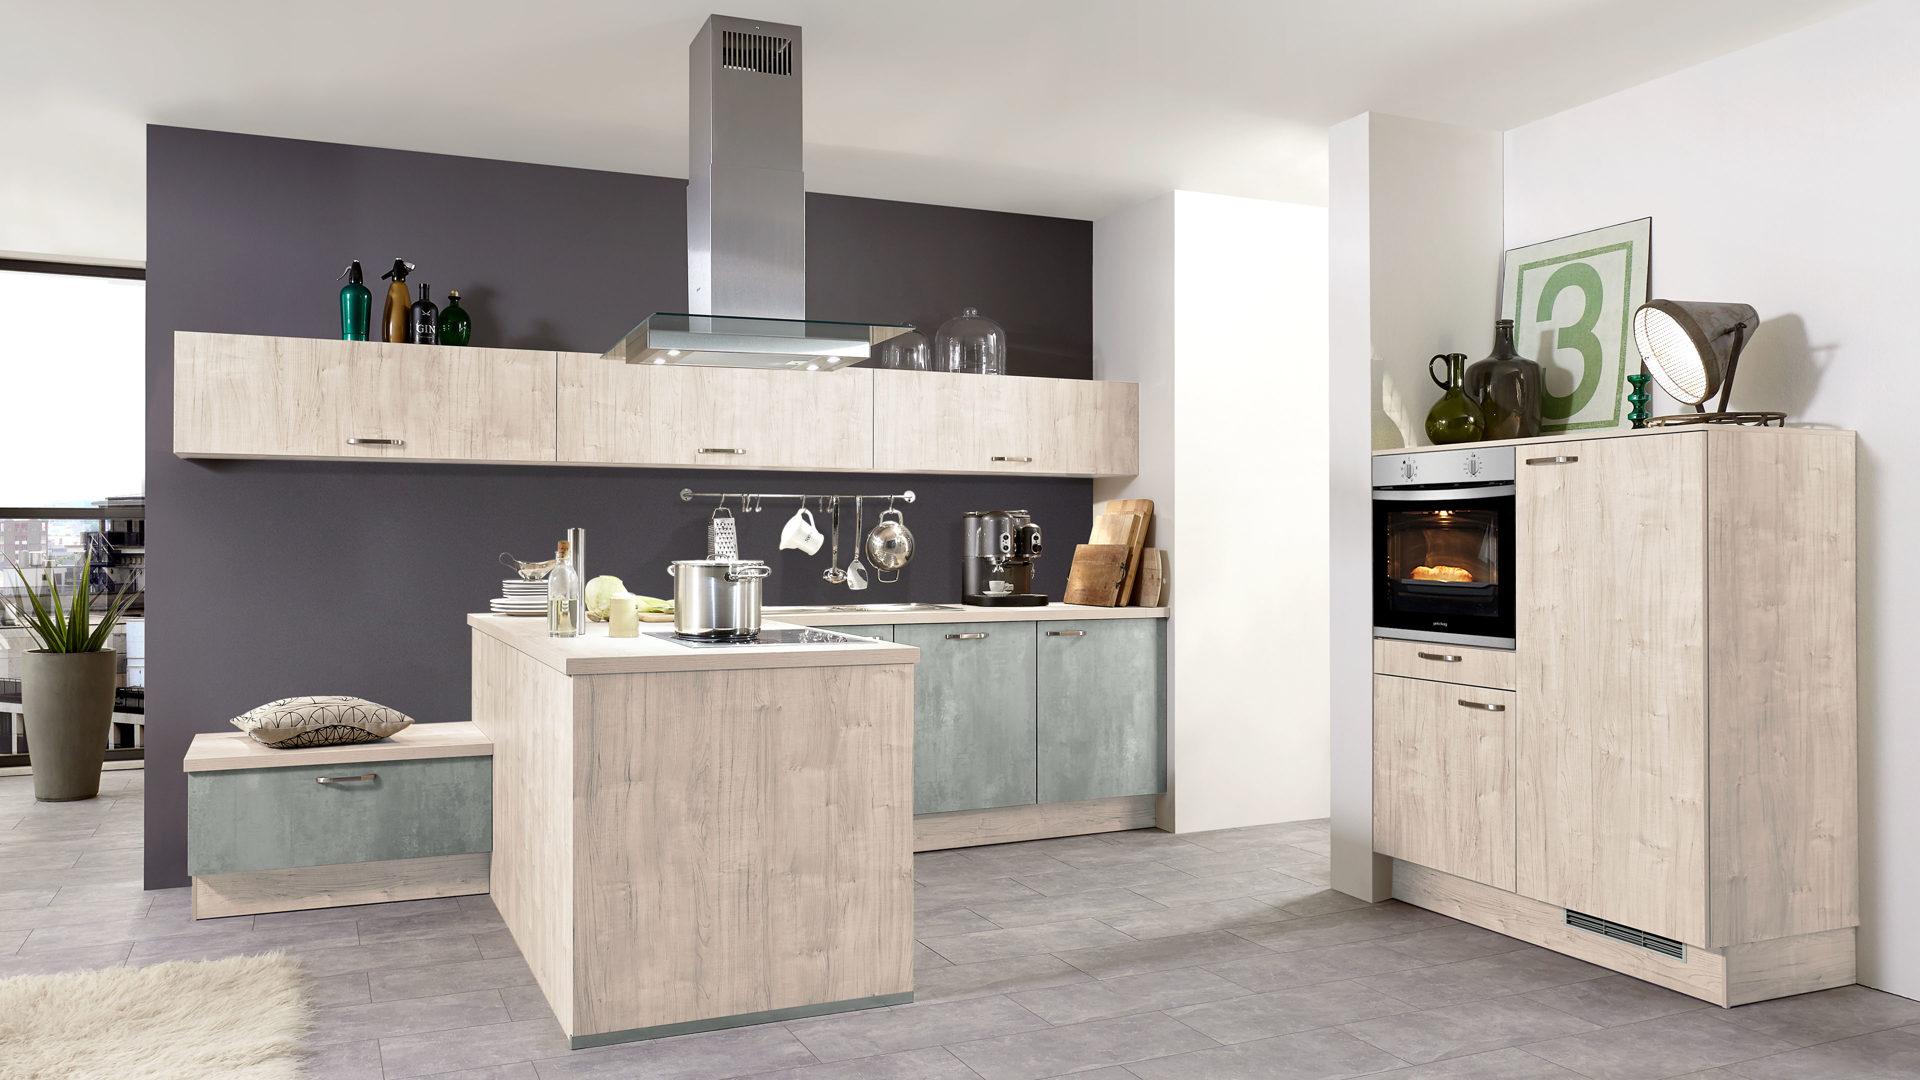 Culineo Küche mit PRIVILEG Einbaugeräten, Sonoma eichefarbene & Beton  perlgraue Kunststoffoberflächen, Sonoma eichefarbene Ar